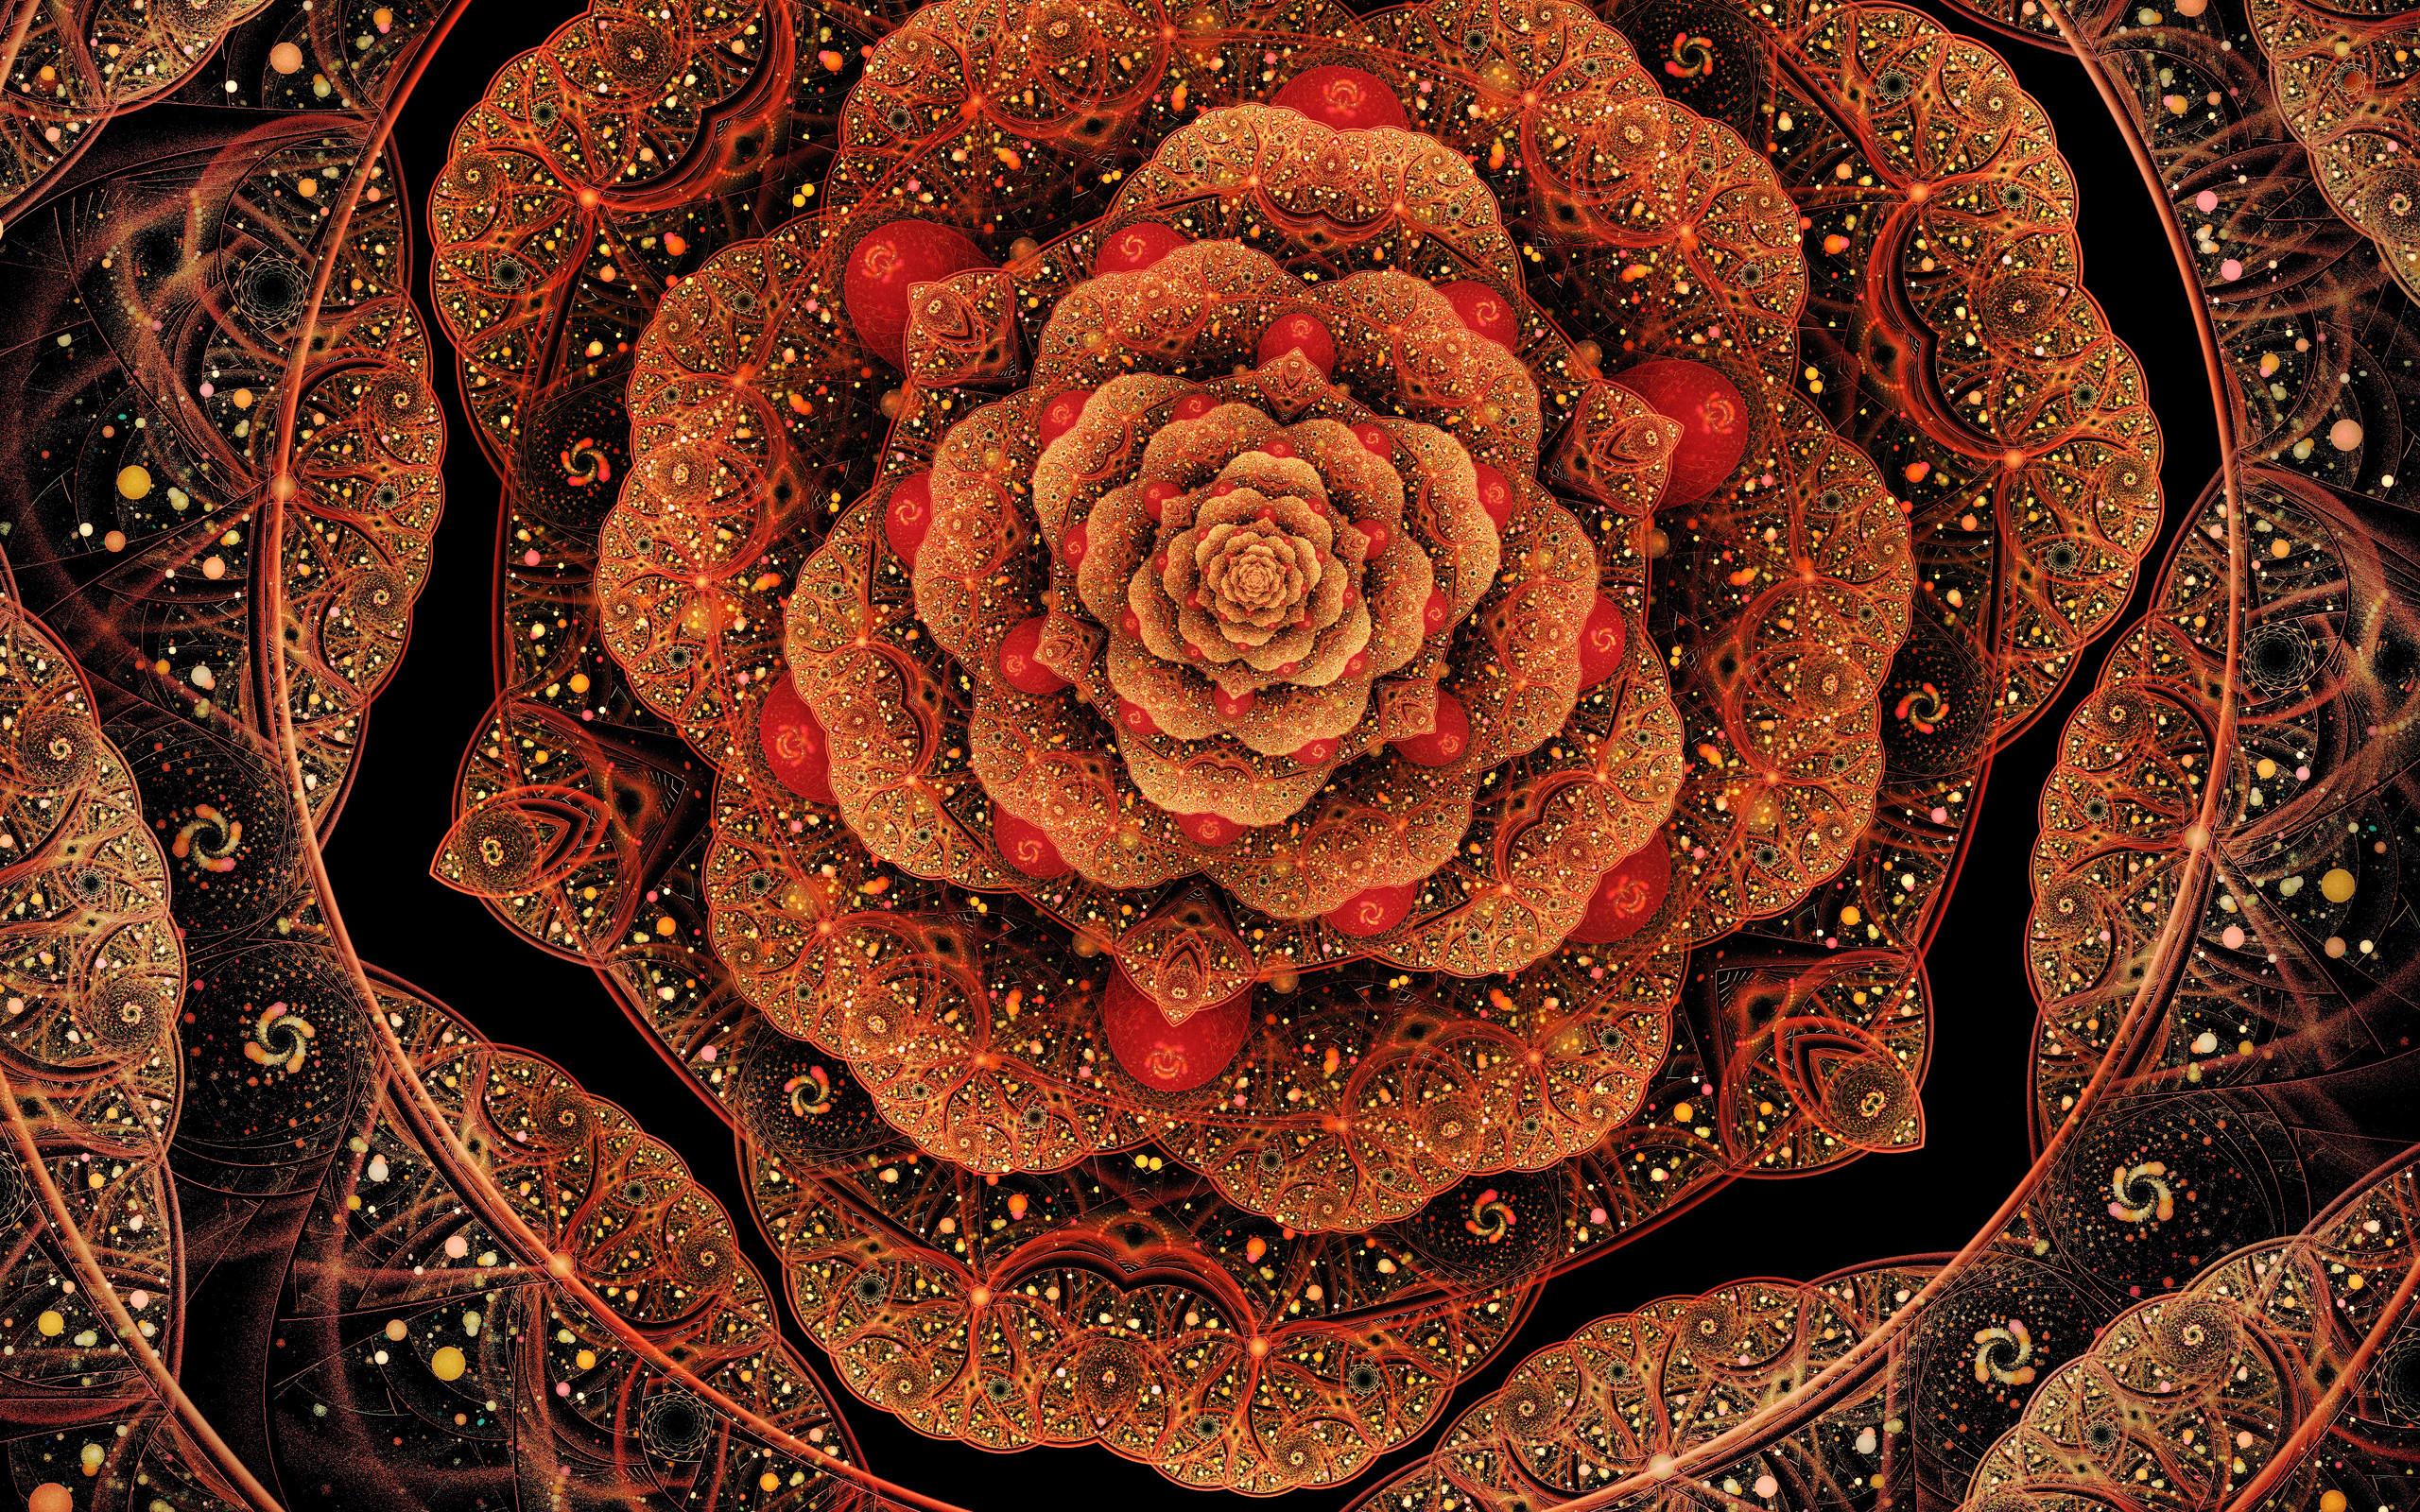 flower art HD Fractal Wallpapers